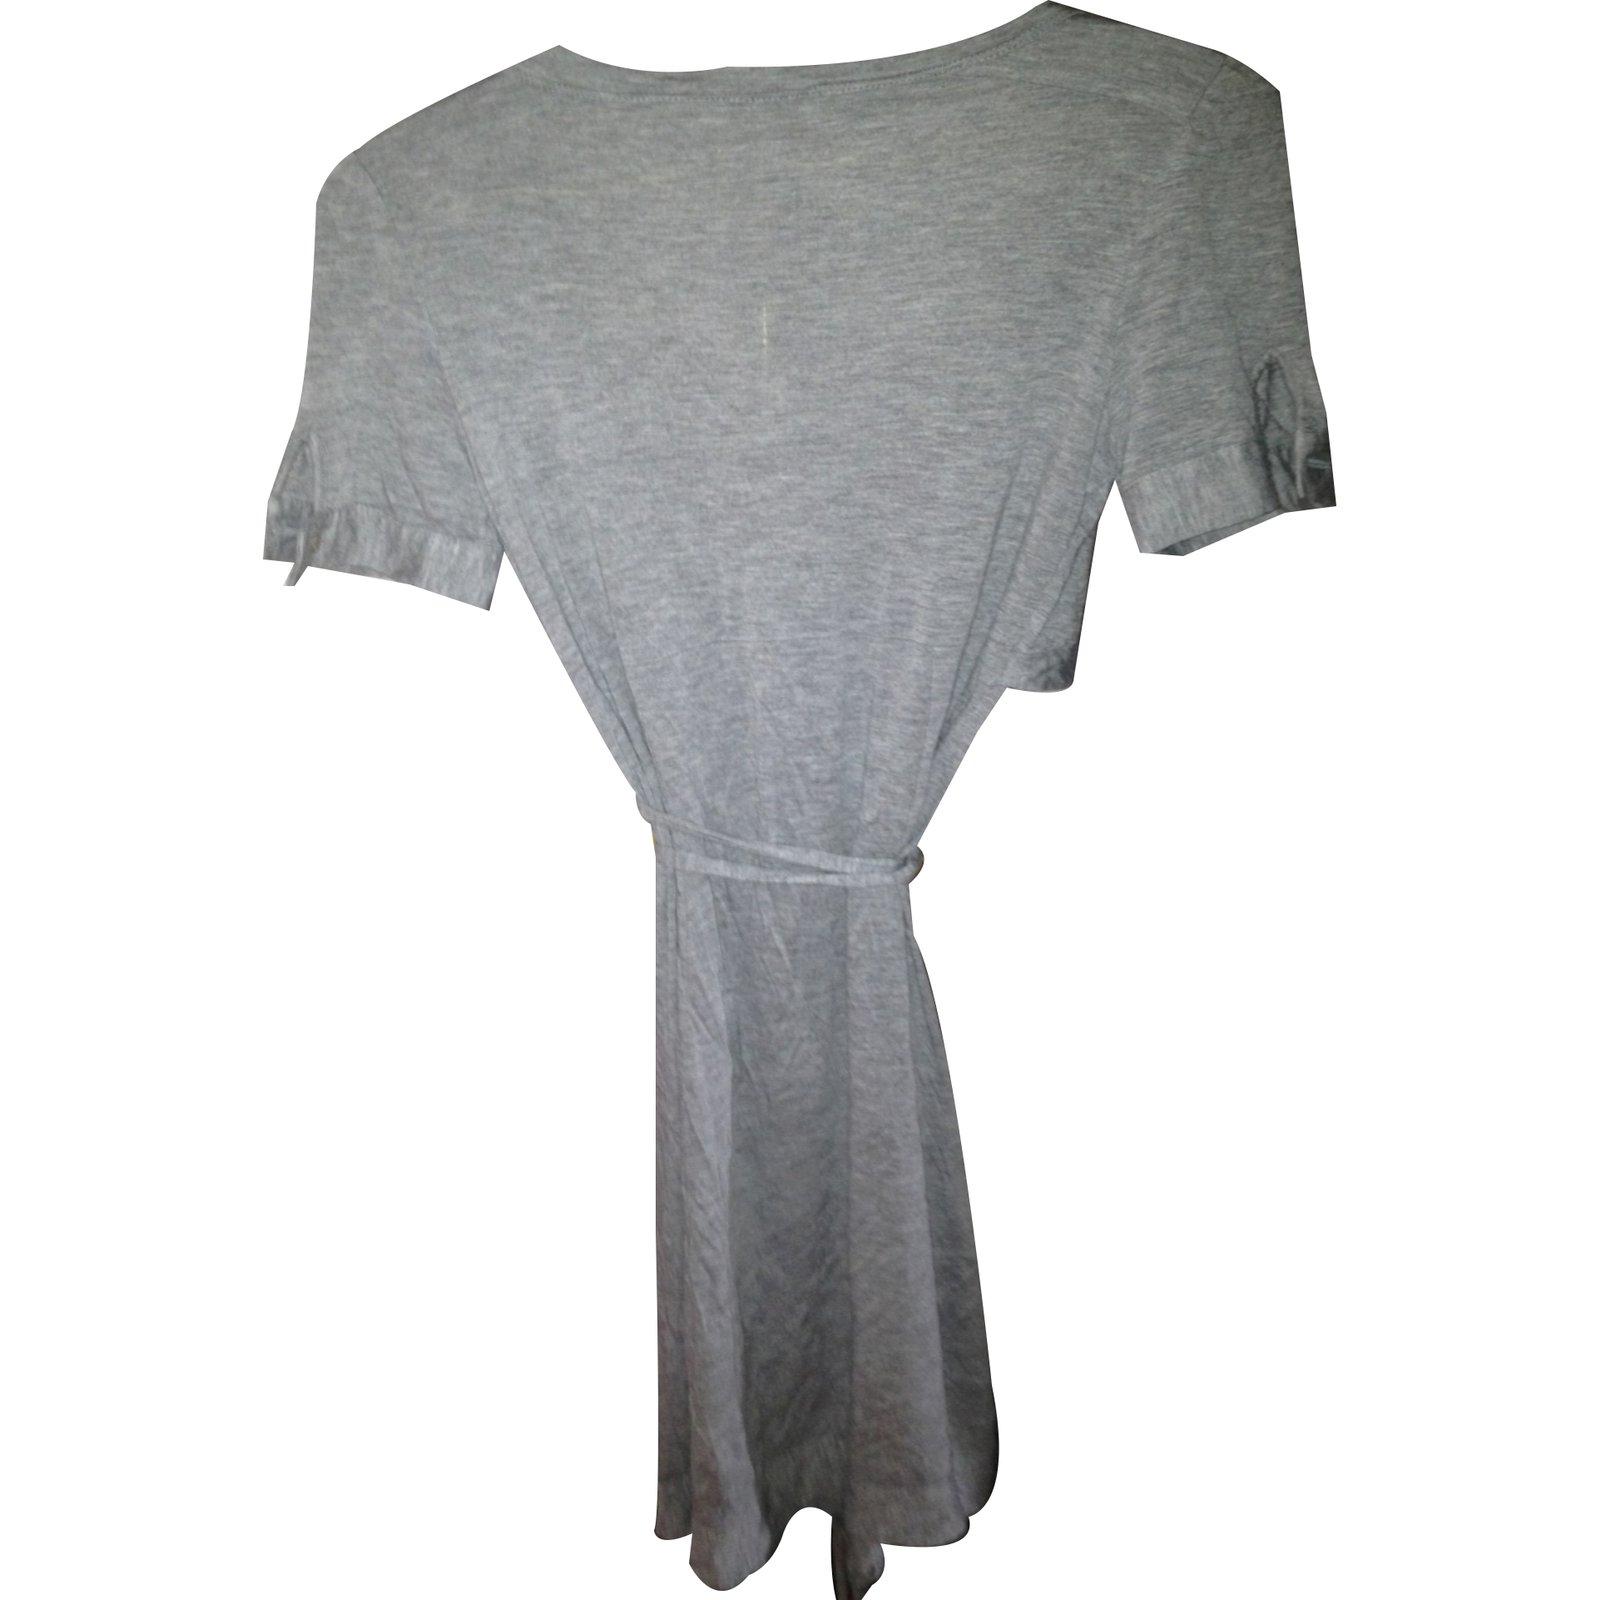 Robes Pinko Robe courte pinko Autre Gris ref.20273 - Joli Closet c1a2ad991e64